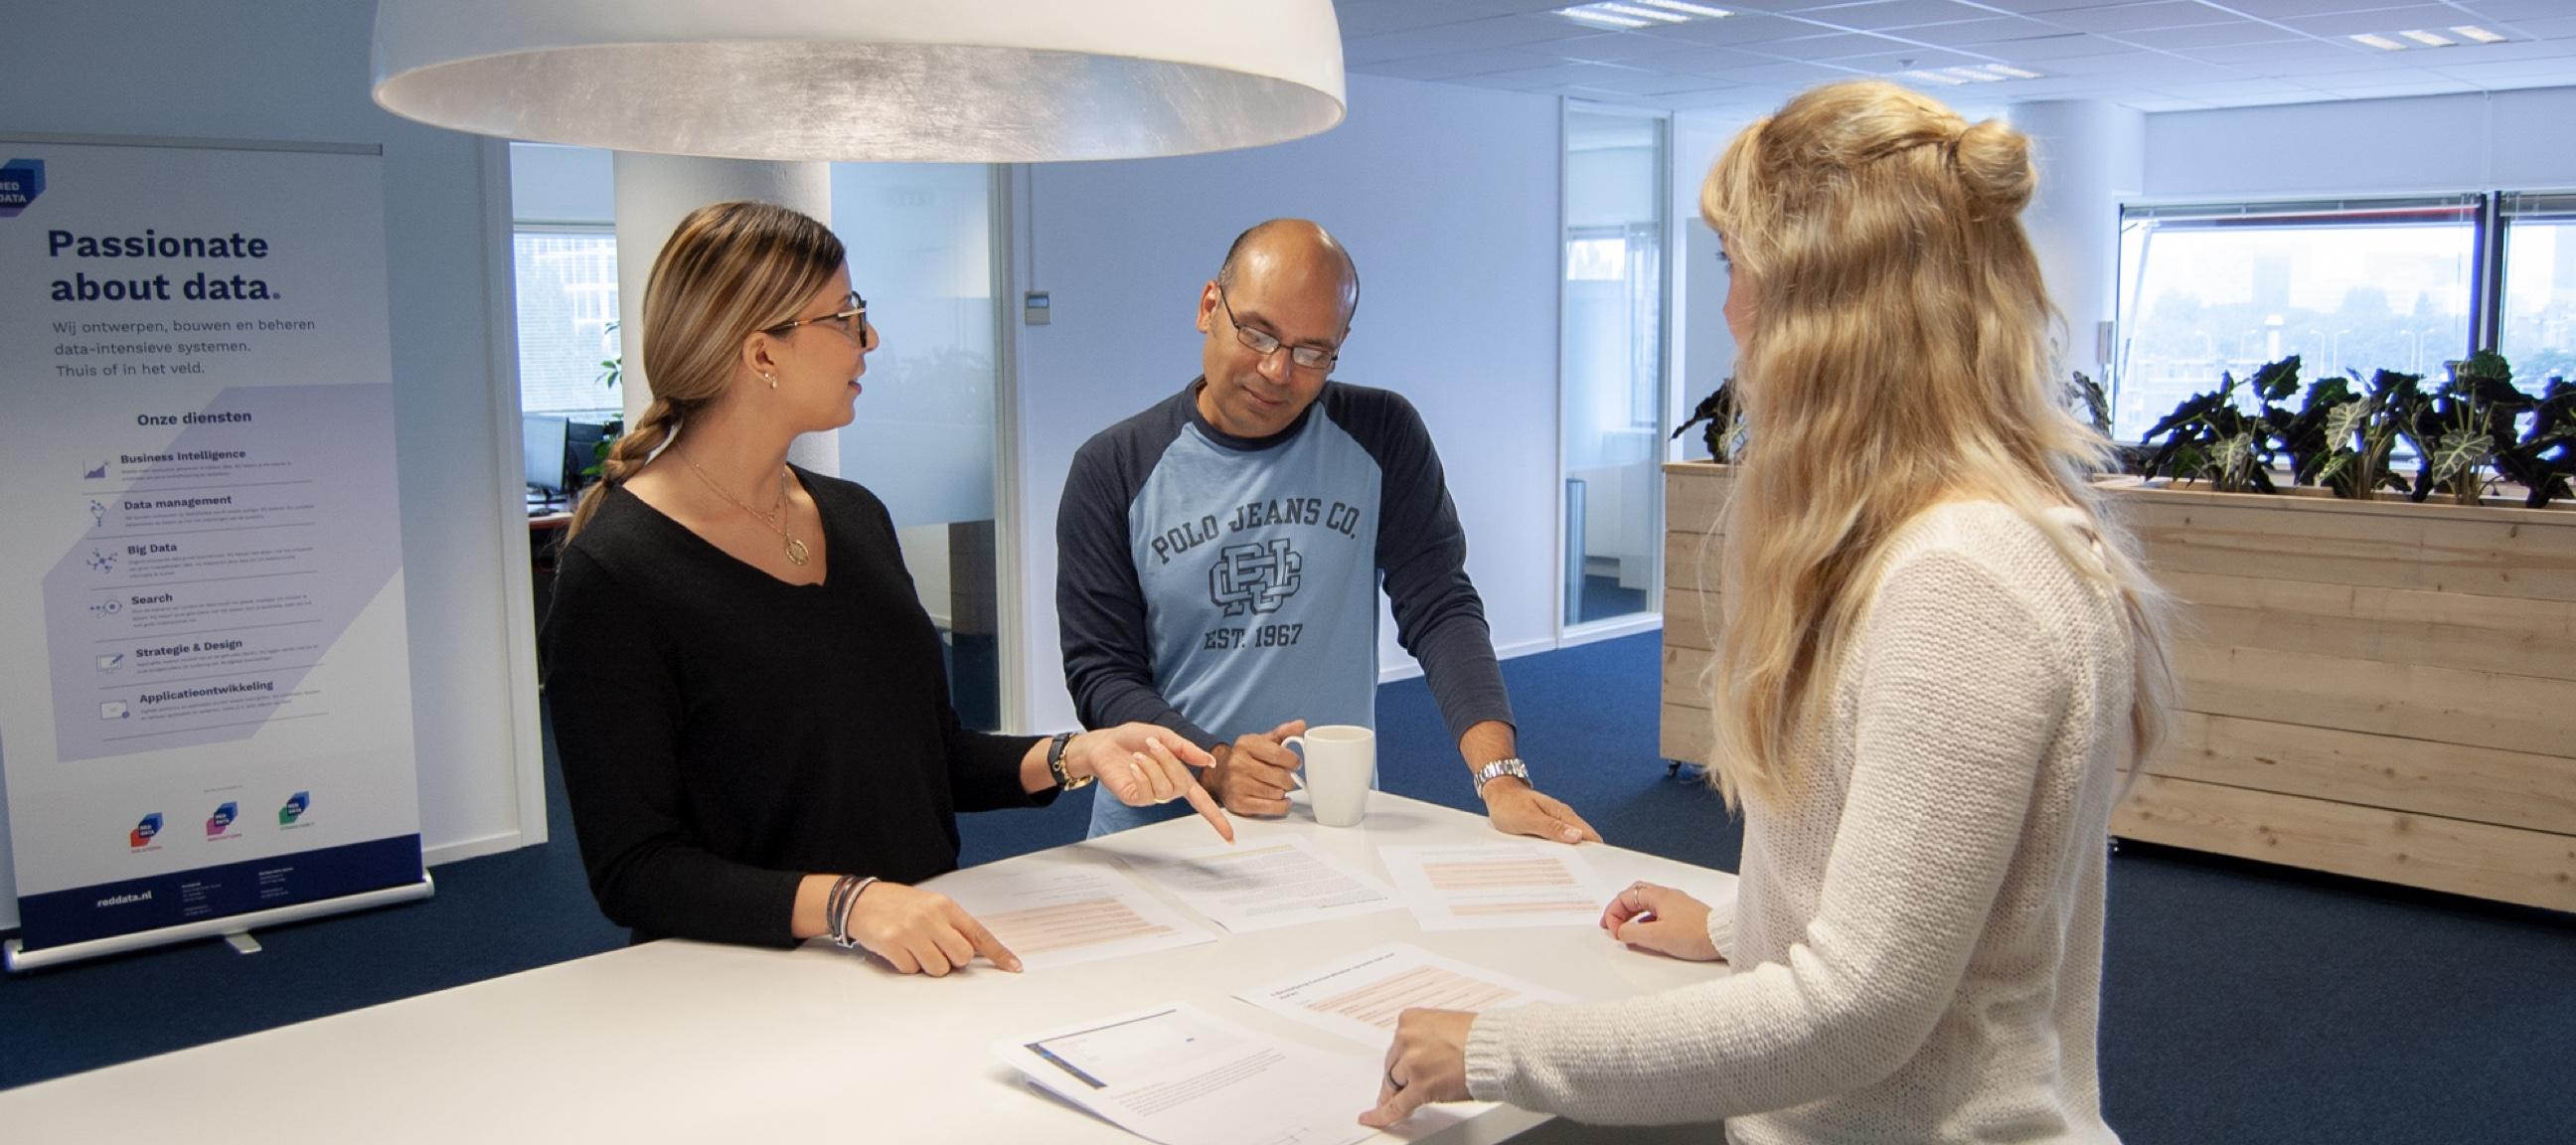 Sfeerbeeld van het ontwikkelteam tijdens een werksessie